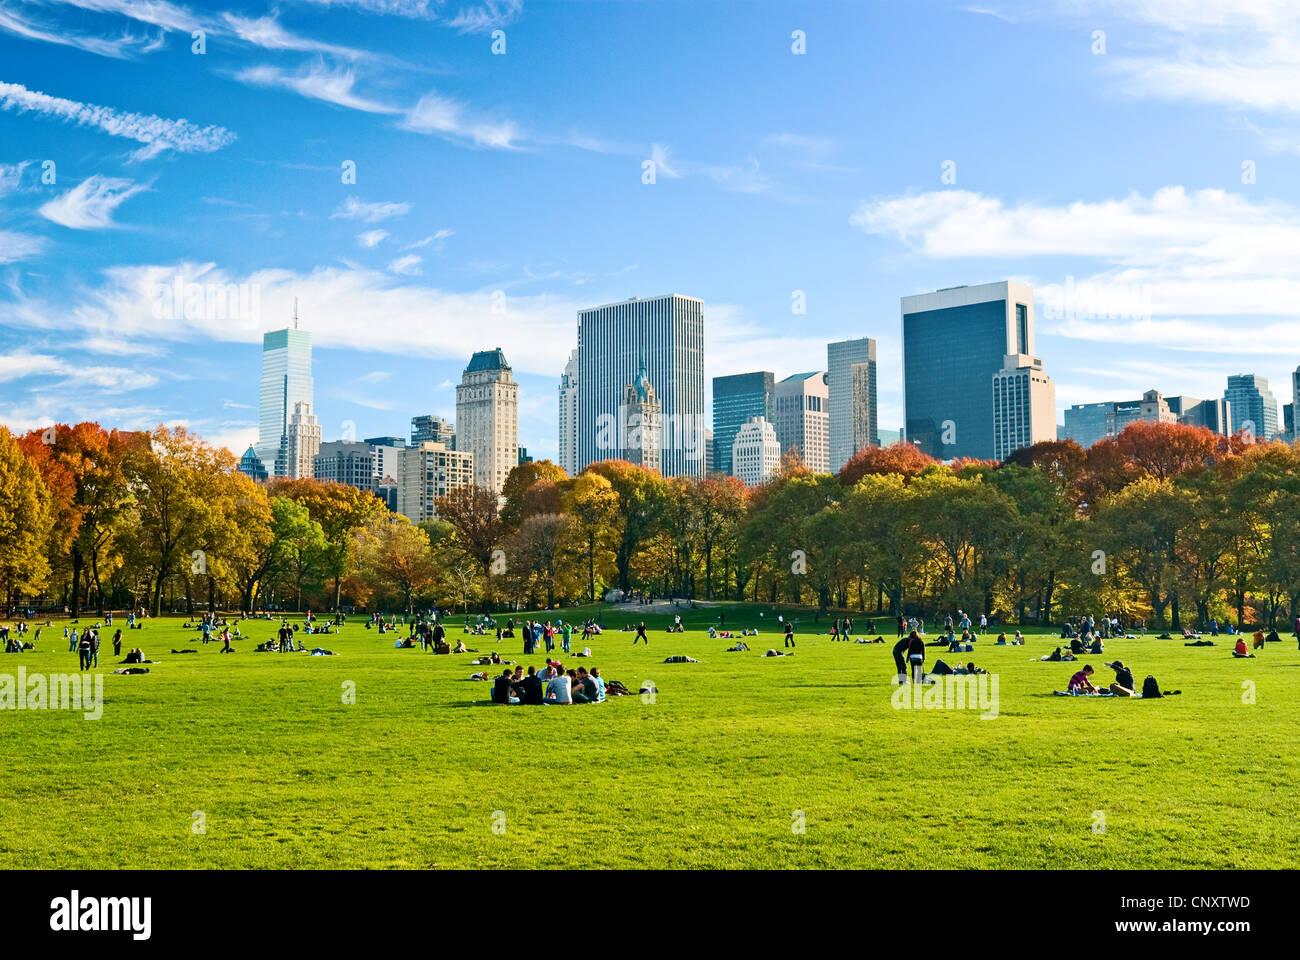 Il Central Park di New York City, in autunno, guardando verso il Central Park South Skyline da Sheep Meadow. Immagini Stock